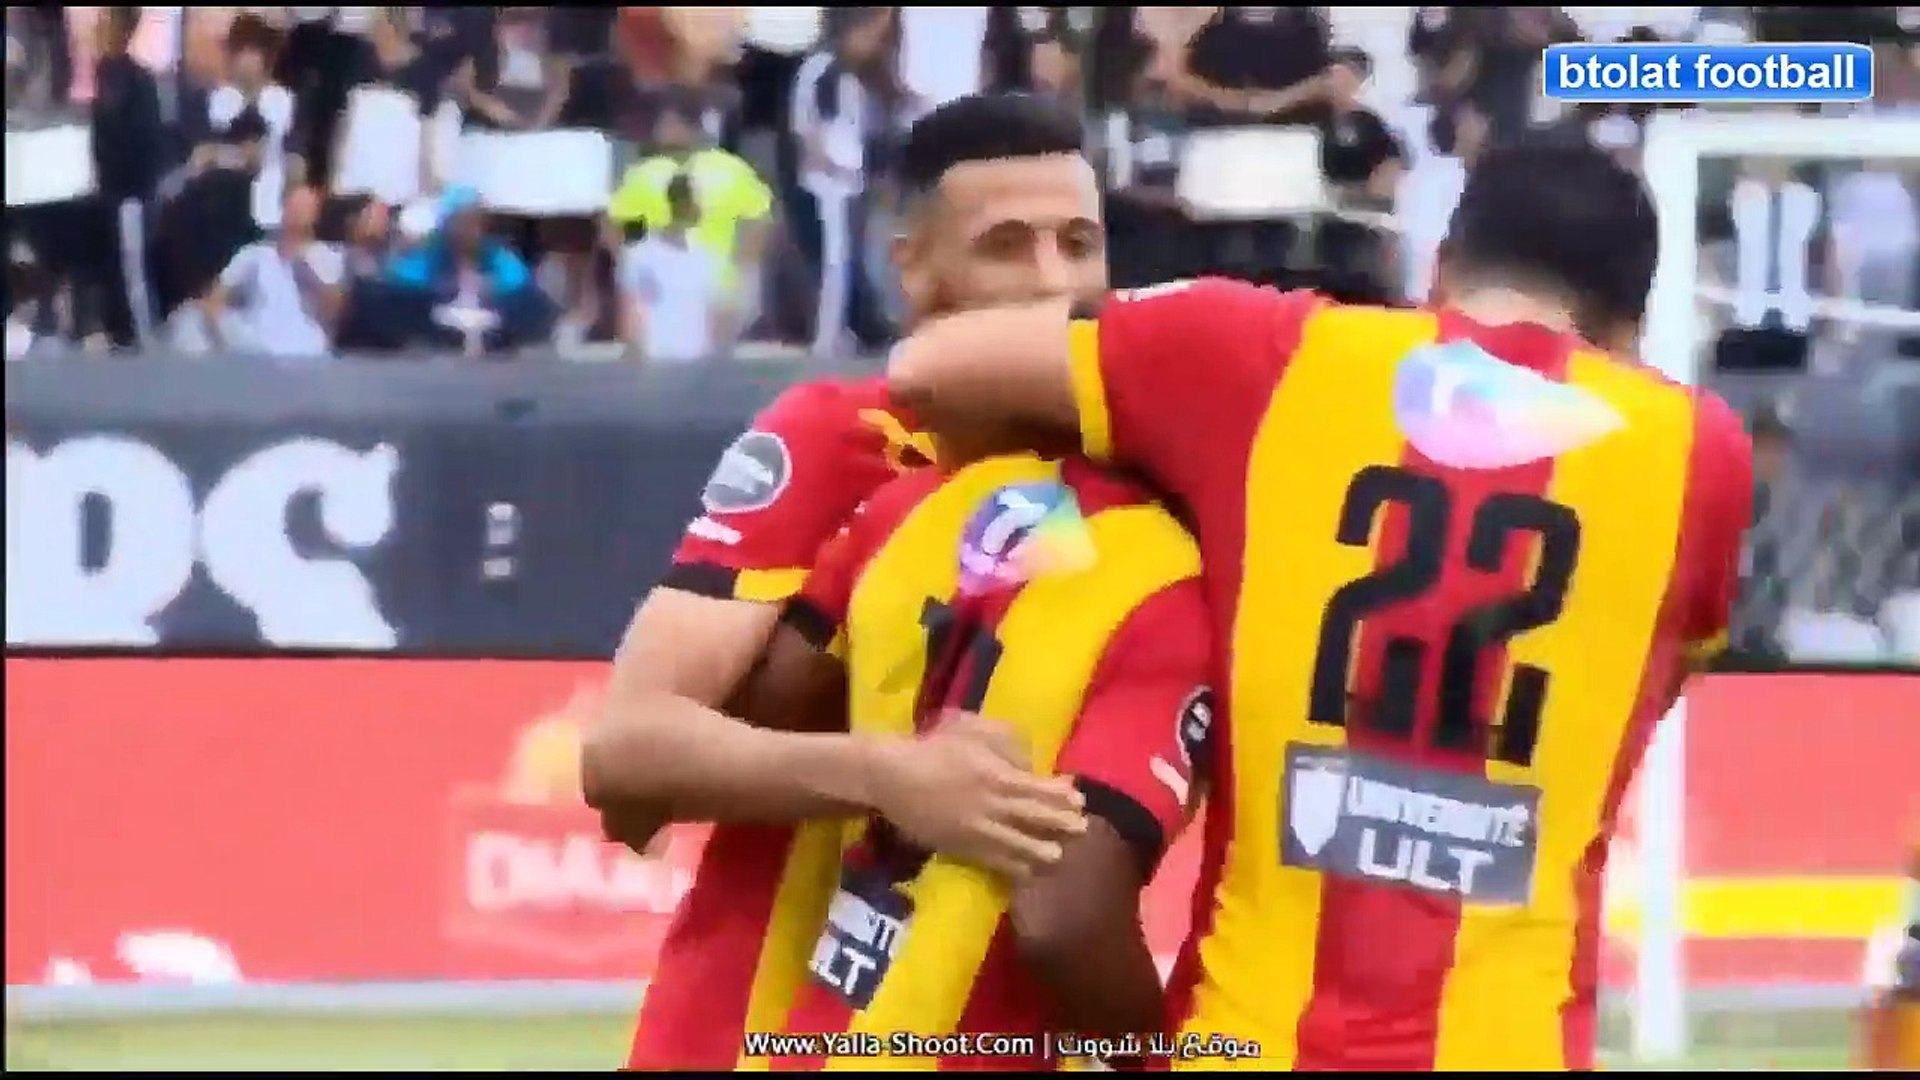 ملخص كامل مباراة الترجي التونسي والنادي الصفاقسي 2-0 مباراة نارية